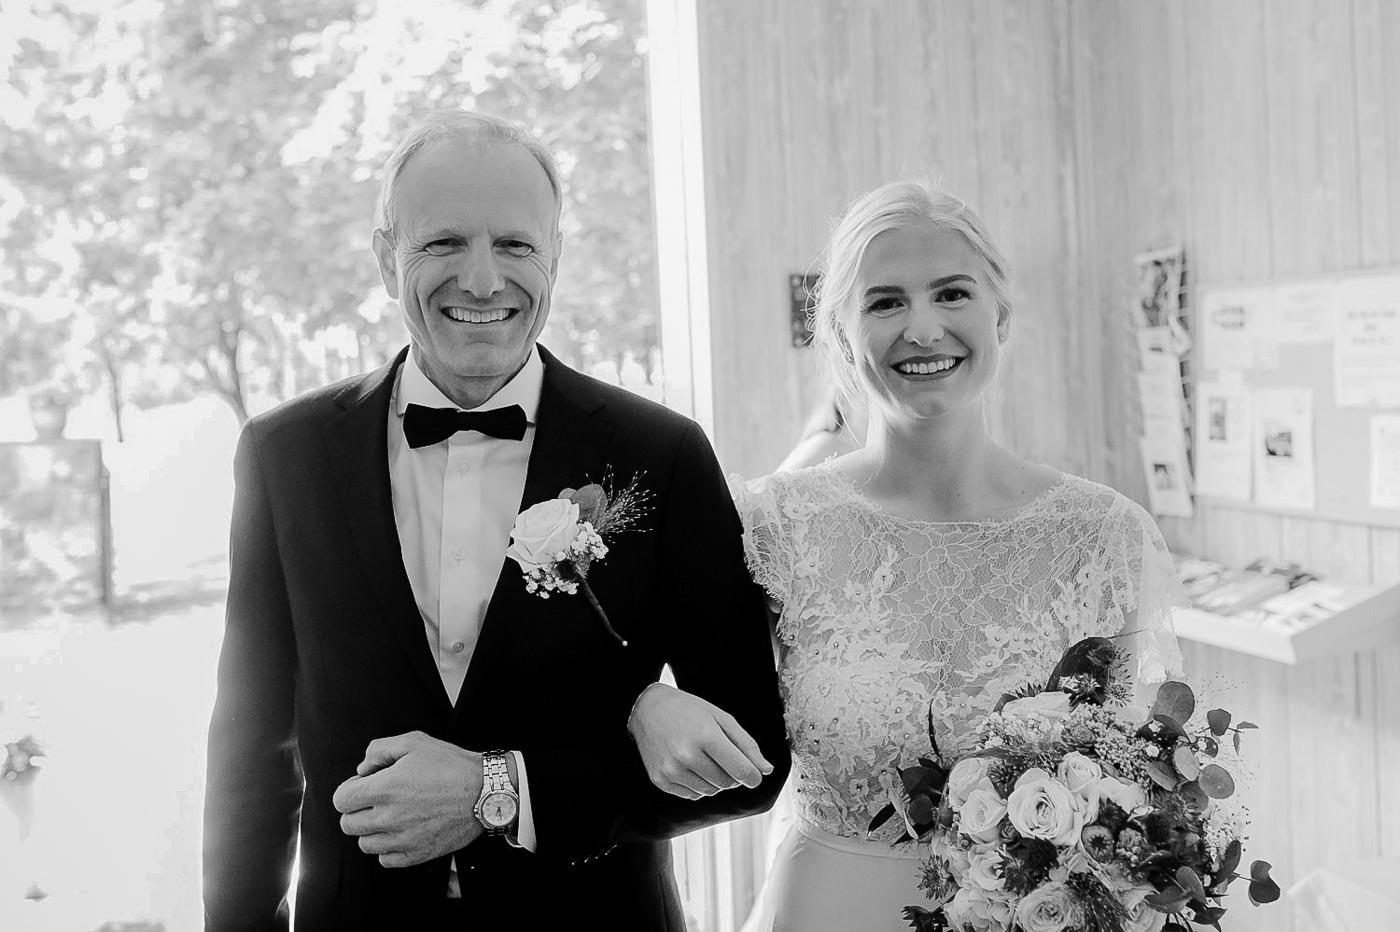 Karianne & Kent - sommerlig heldagsfotografering i Stavern Sommerbryllup Stavern Vestfold 6 Brudepar